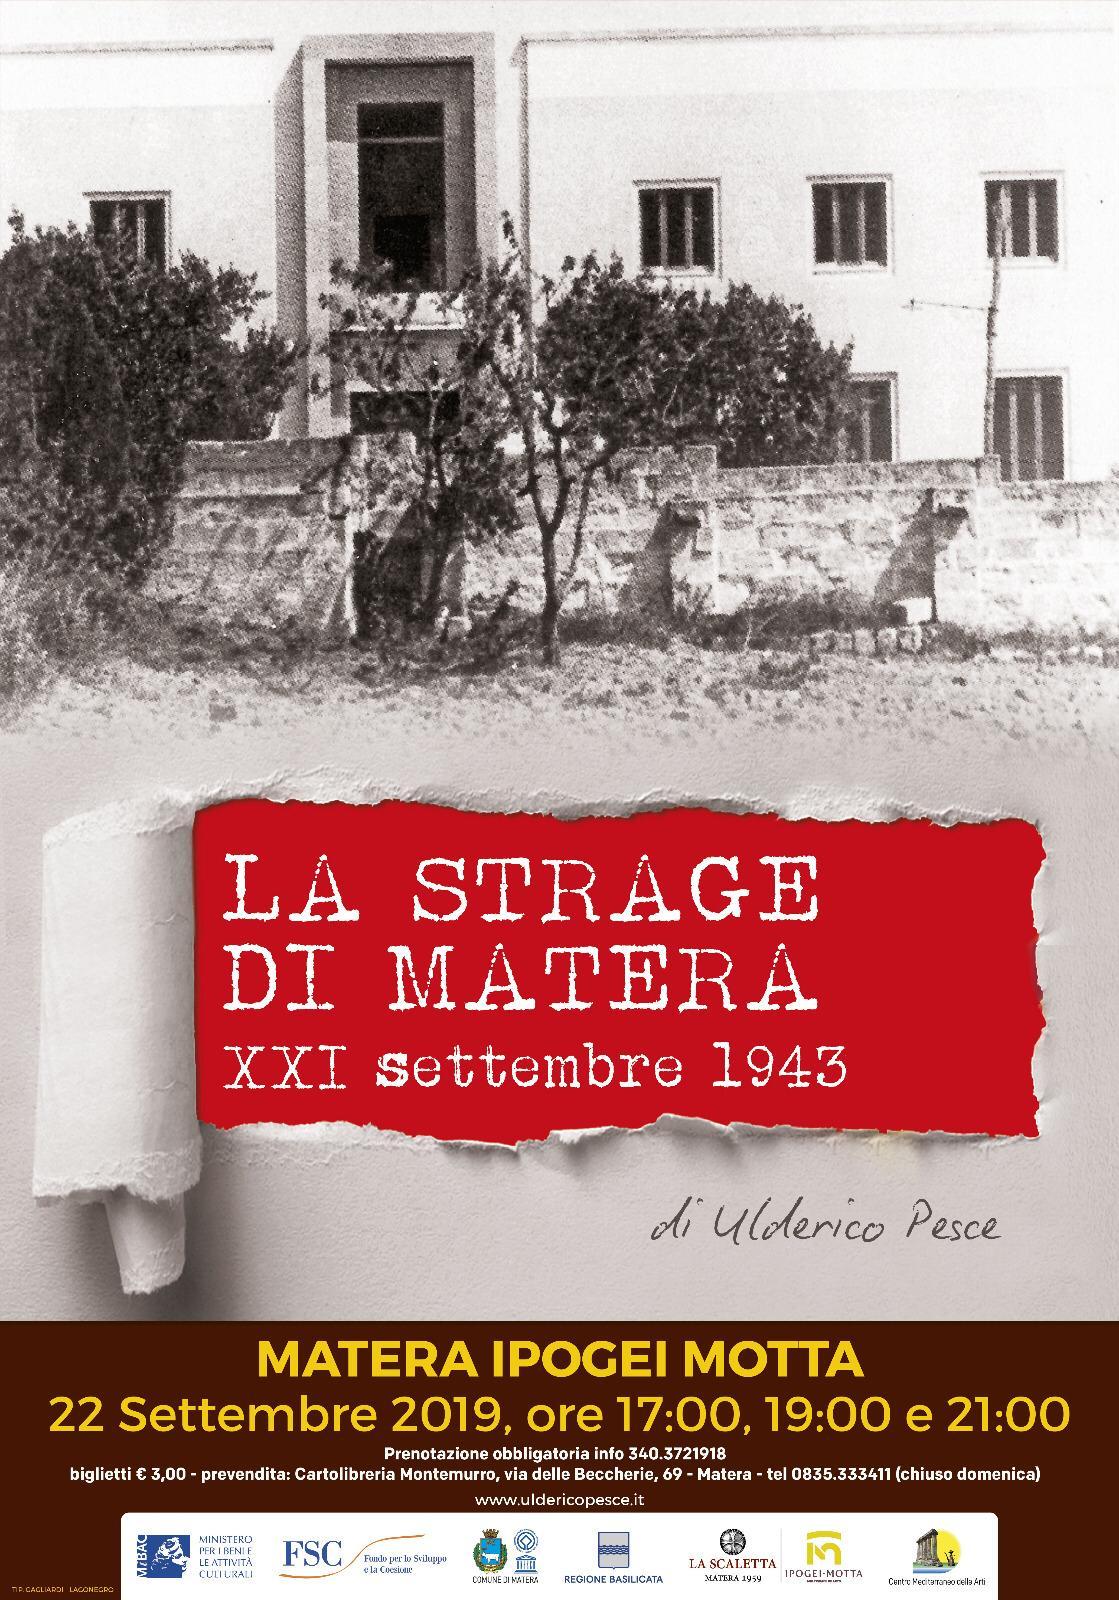 La Scaletta ricorda Francesco Paolo Nitti, uomo simbolo della Resistenza a Matera